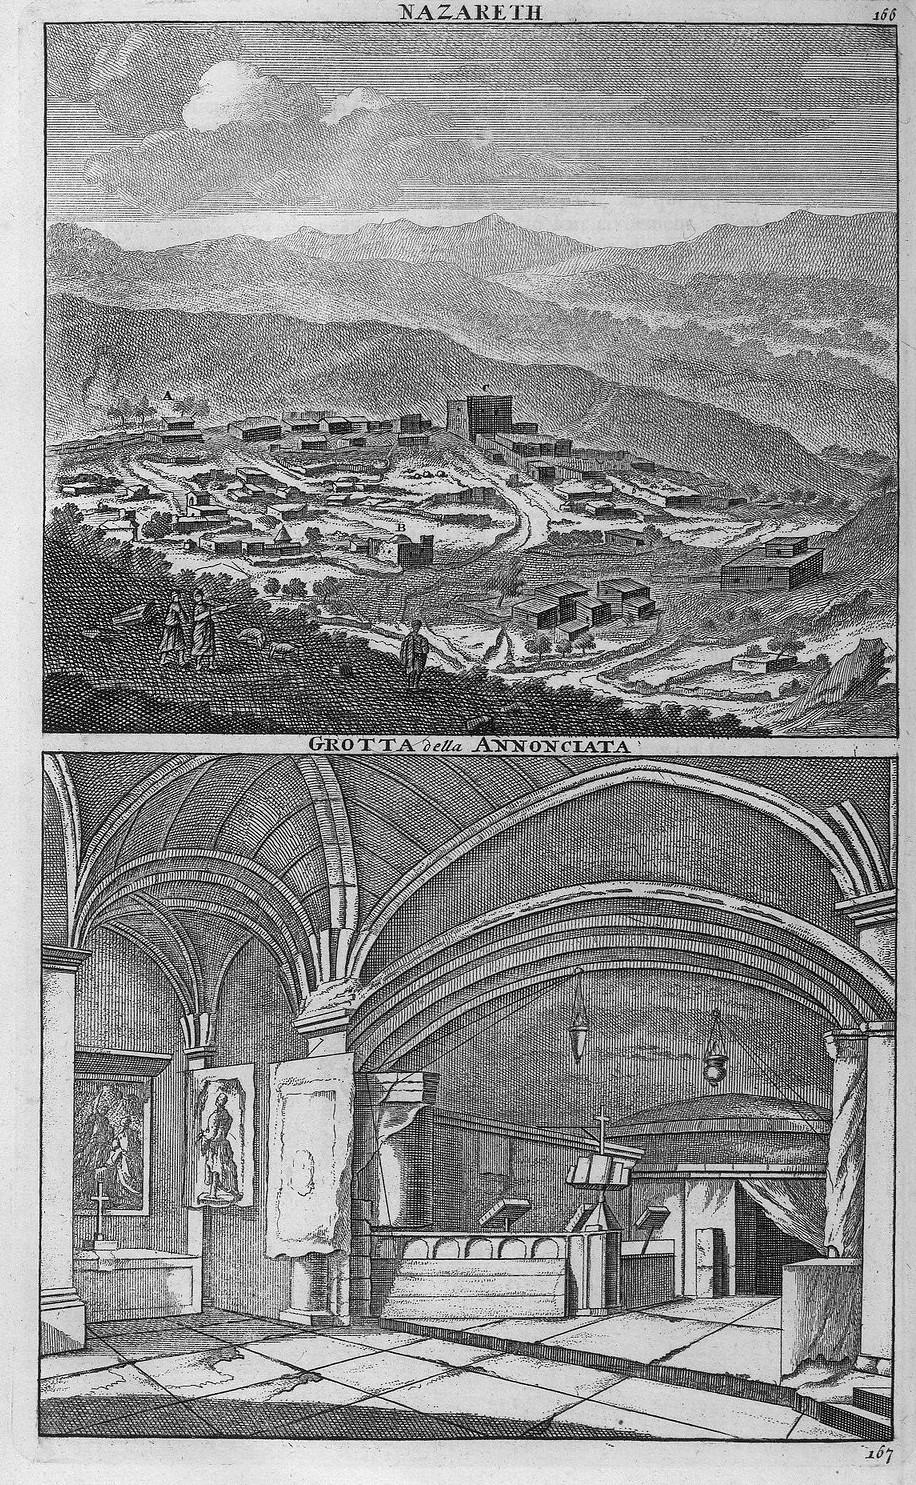 Путешествие из Акко в Назарет. Вид Назарета. Пещера Благовещения